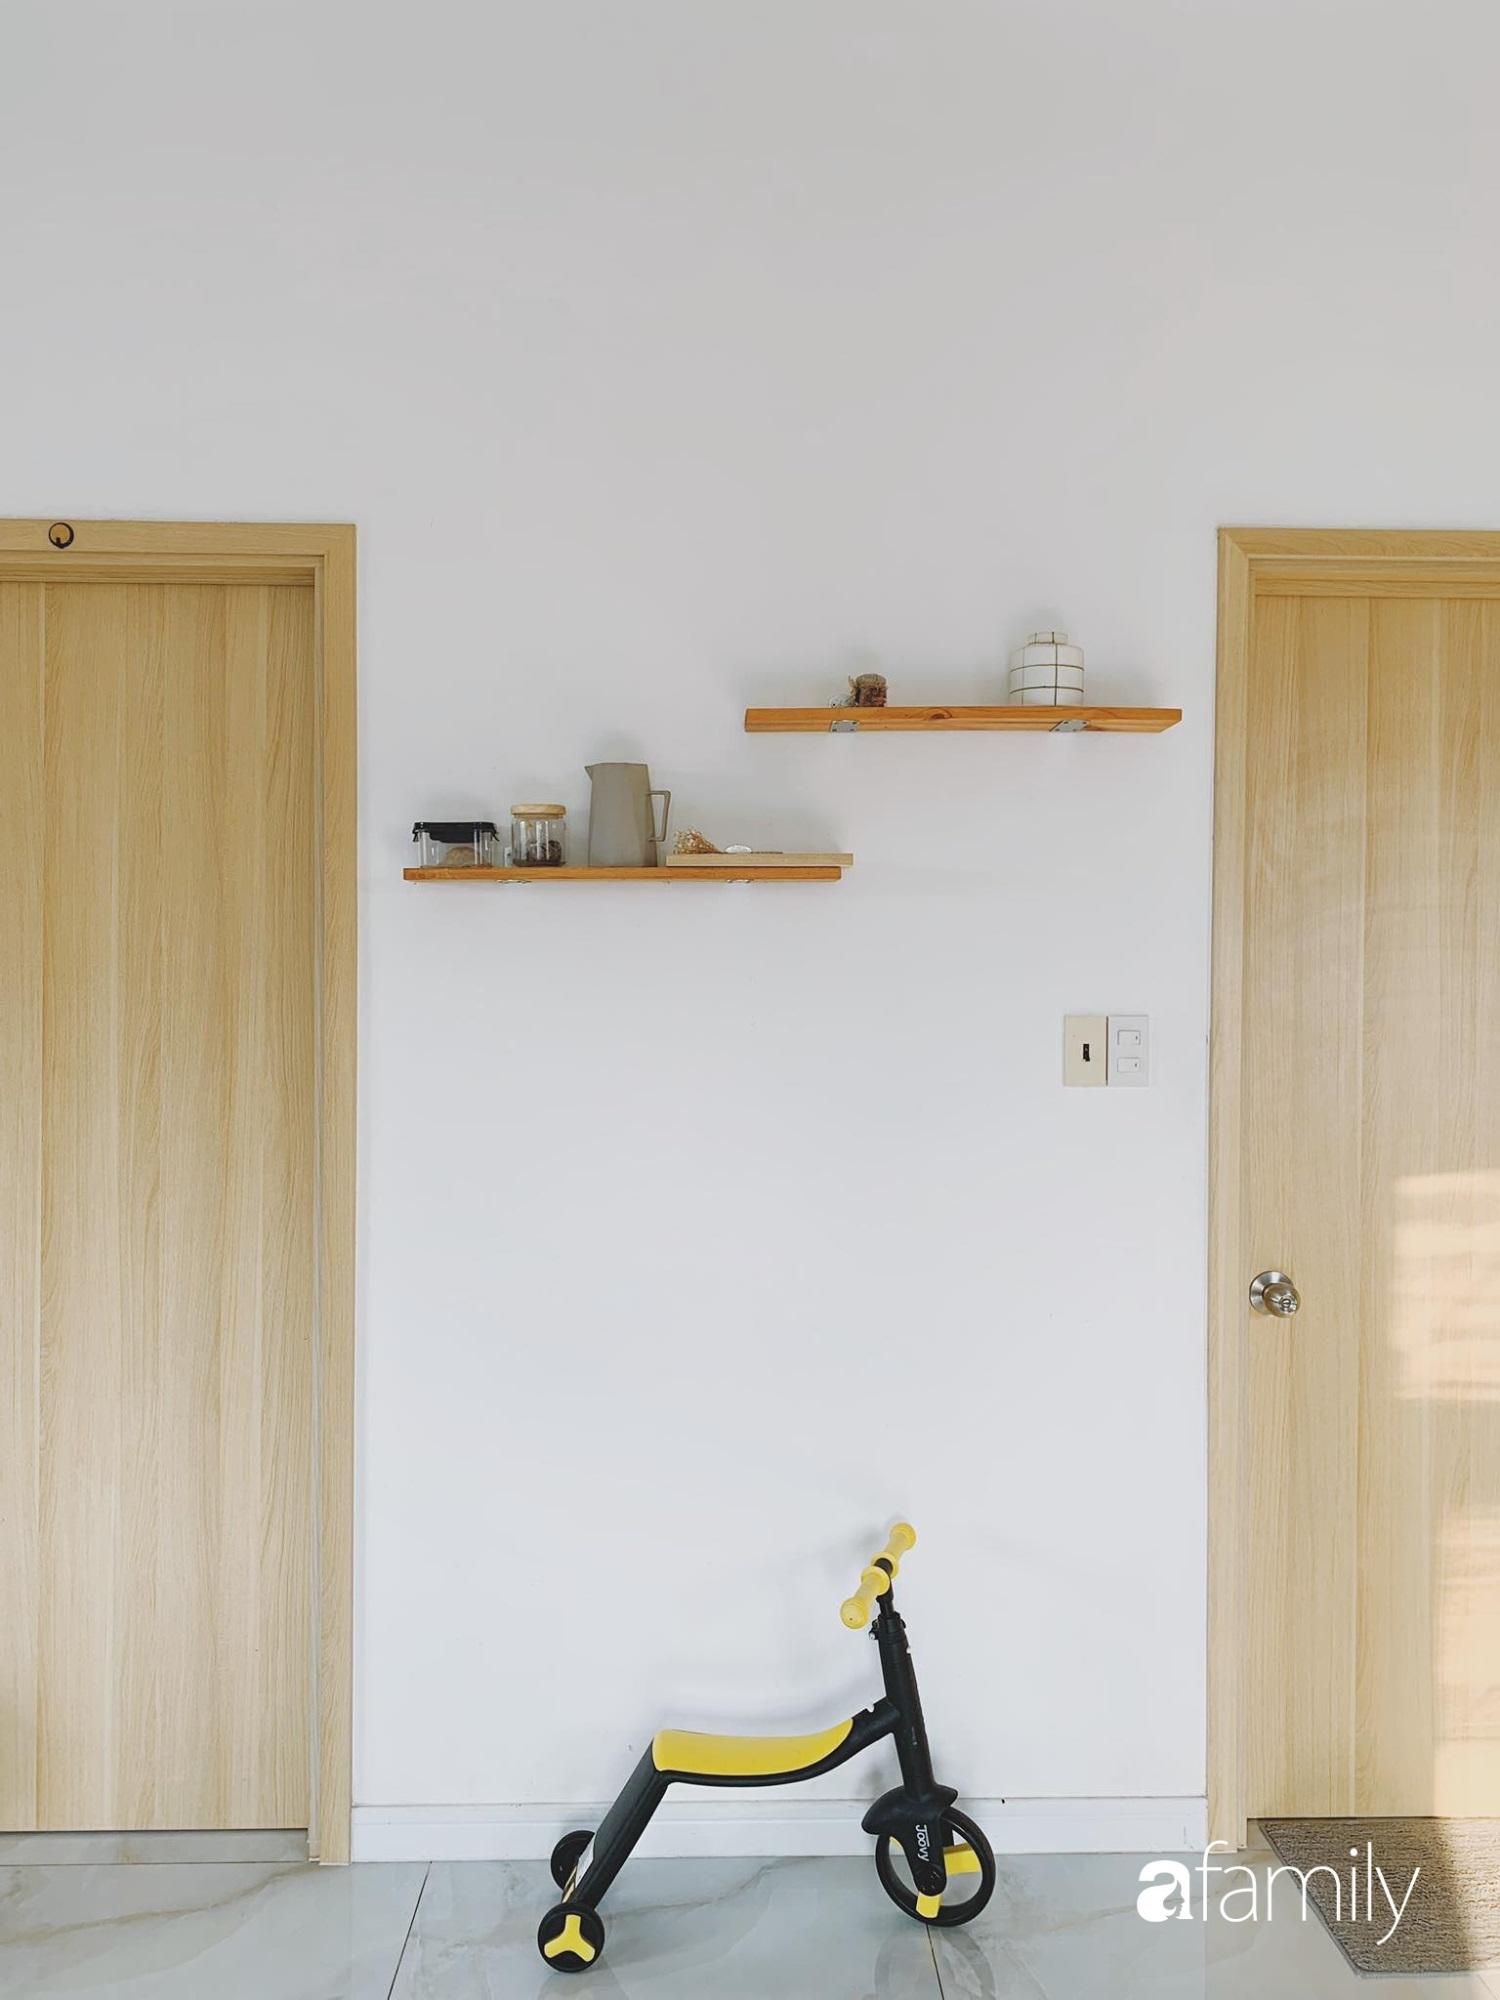 Dù là căn hộ đi thuê nhưng đôi vợ chồng yêu thích sống tự do ở Sài Gòn đã thiết kế nội thất theo phong cách tối giản vô cùng hợp lý lại tiết kiệm - Ảnh 6